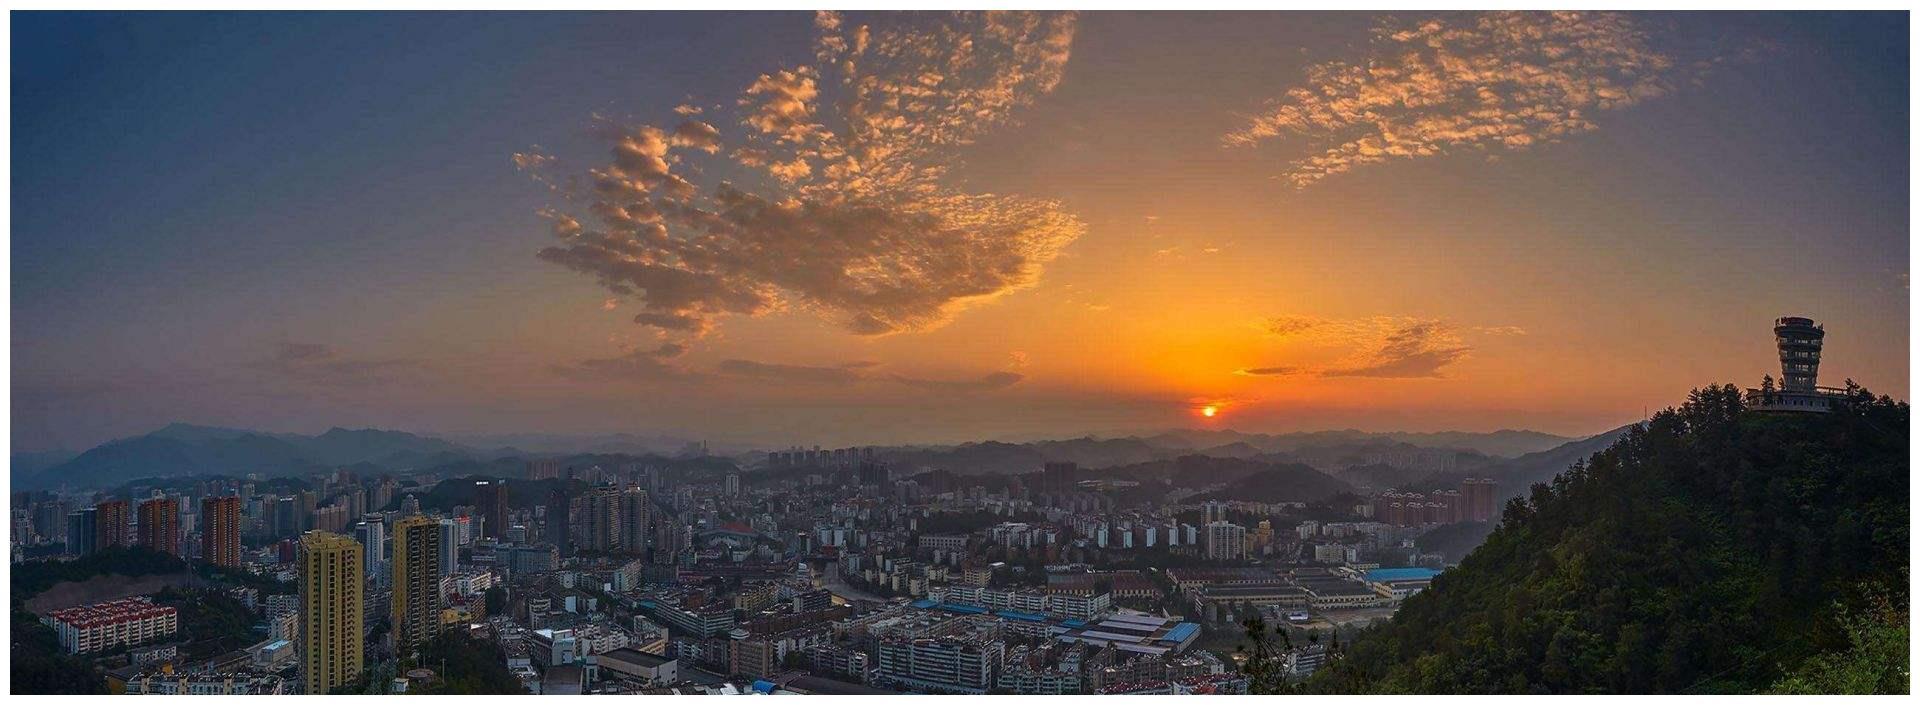 十堰未来最被看好的区县:不是房县,也不是郧阳,而是这里